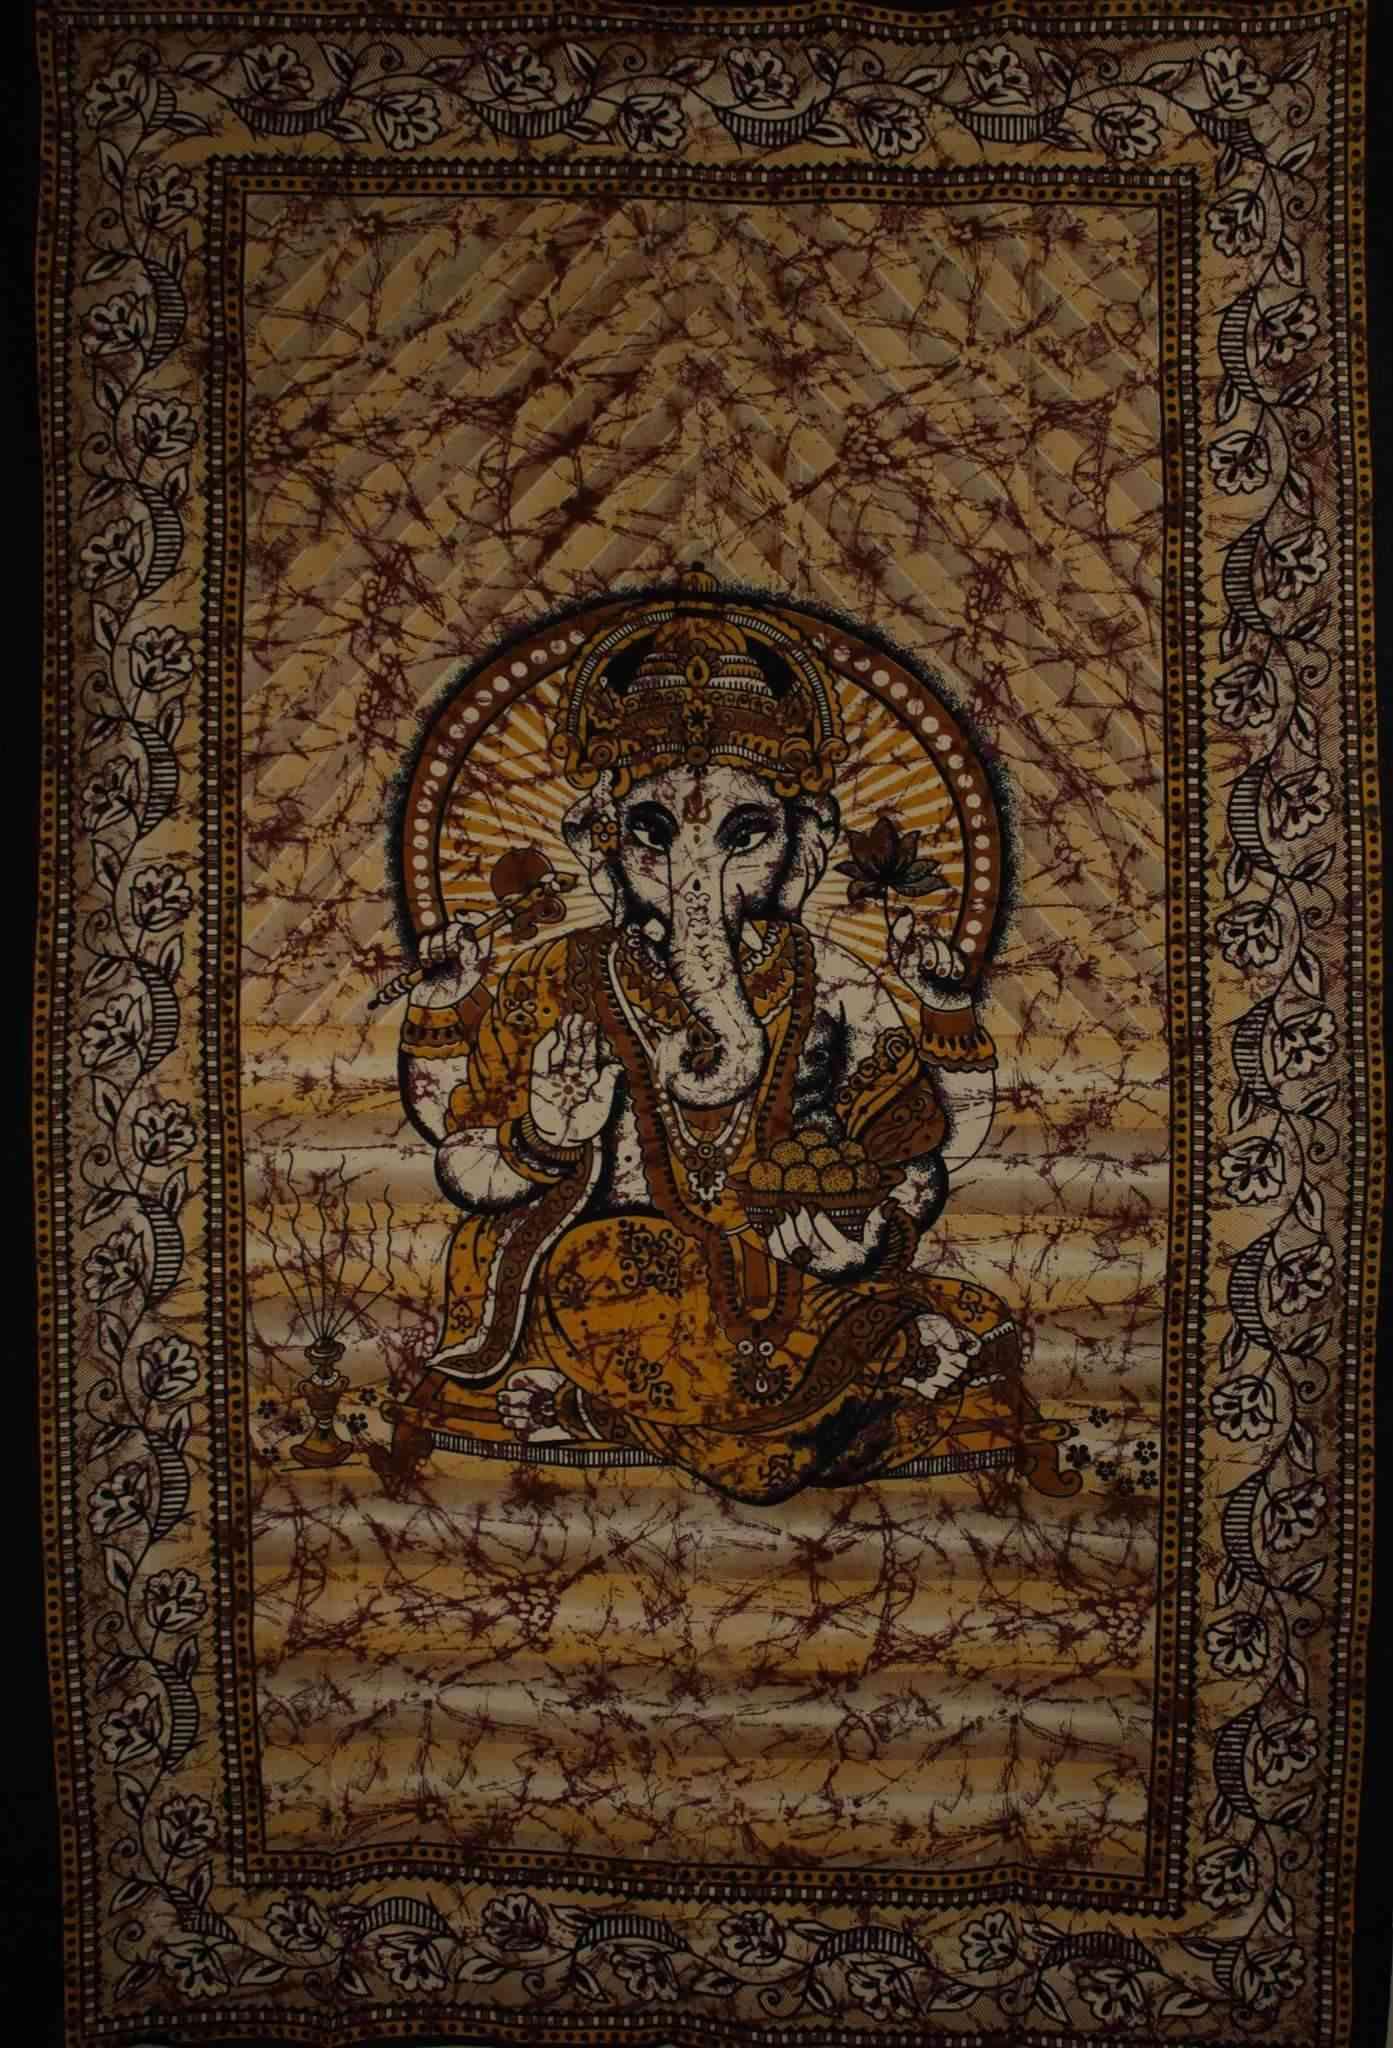 Ganesha Holding Lotus Flower In Batik Style Tie Dye Tapestry